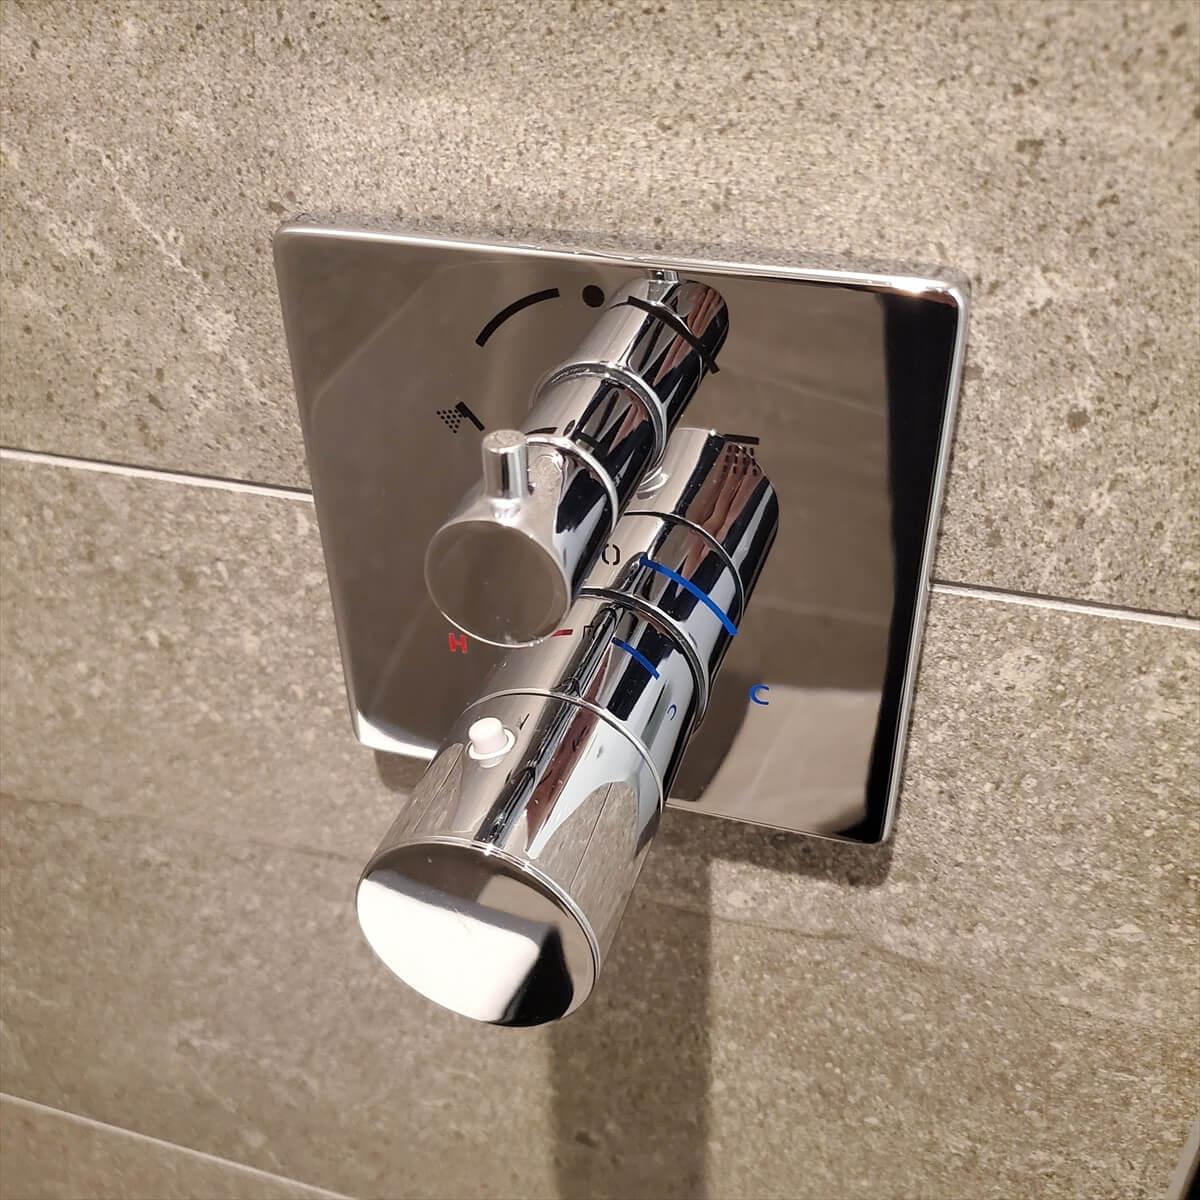 ACホテル銀座のプライムスーペリアキングのシャワー水栓